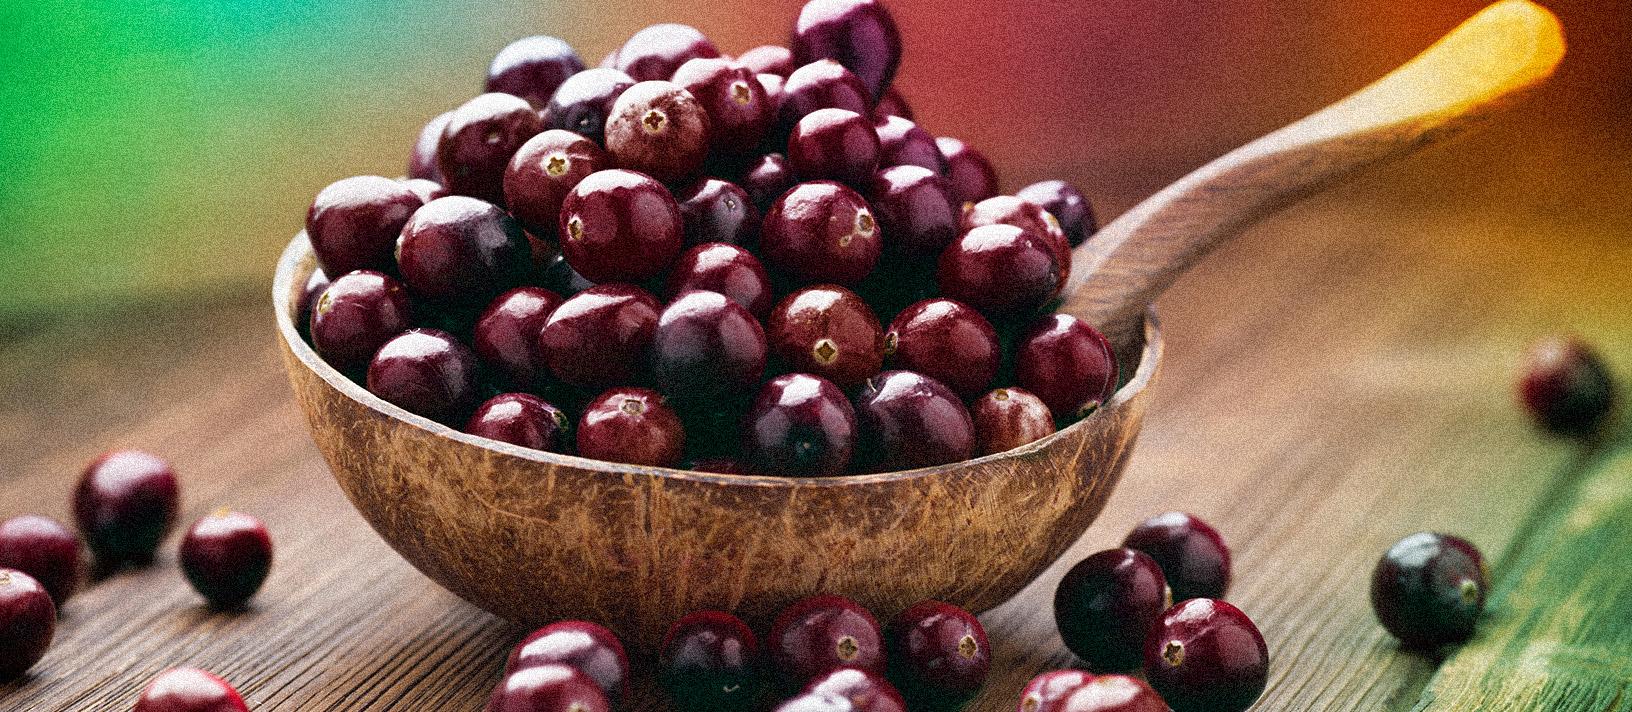 açai-e-seus-beneficios-fruta-blog-usenatureza